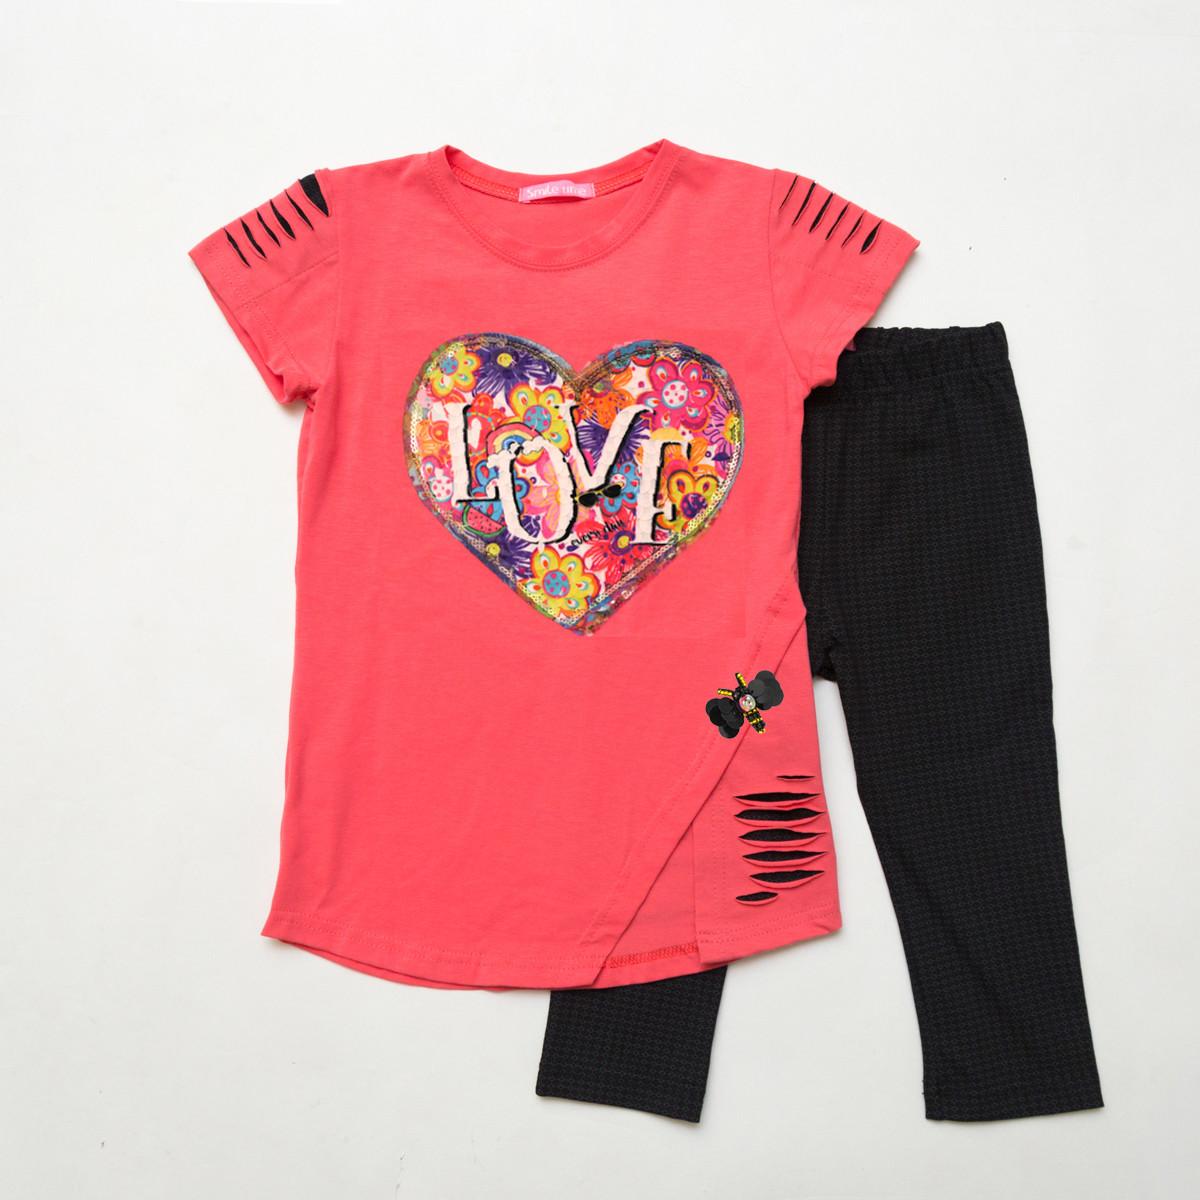 Детский летний костюм р.104,110,122 SmileTime футболка и капри для девочки Lovely, коралл с черным